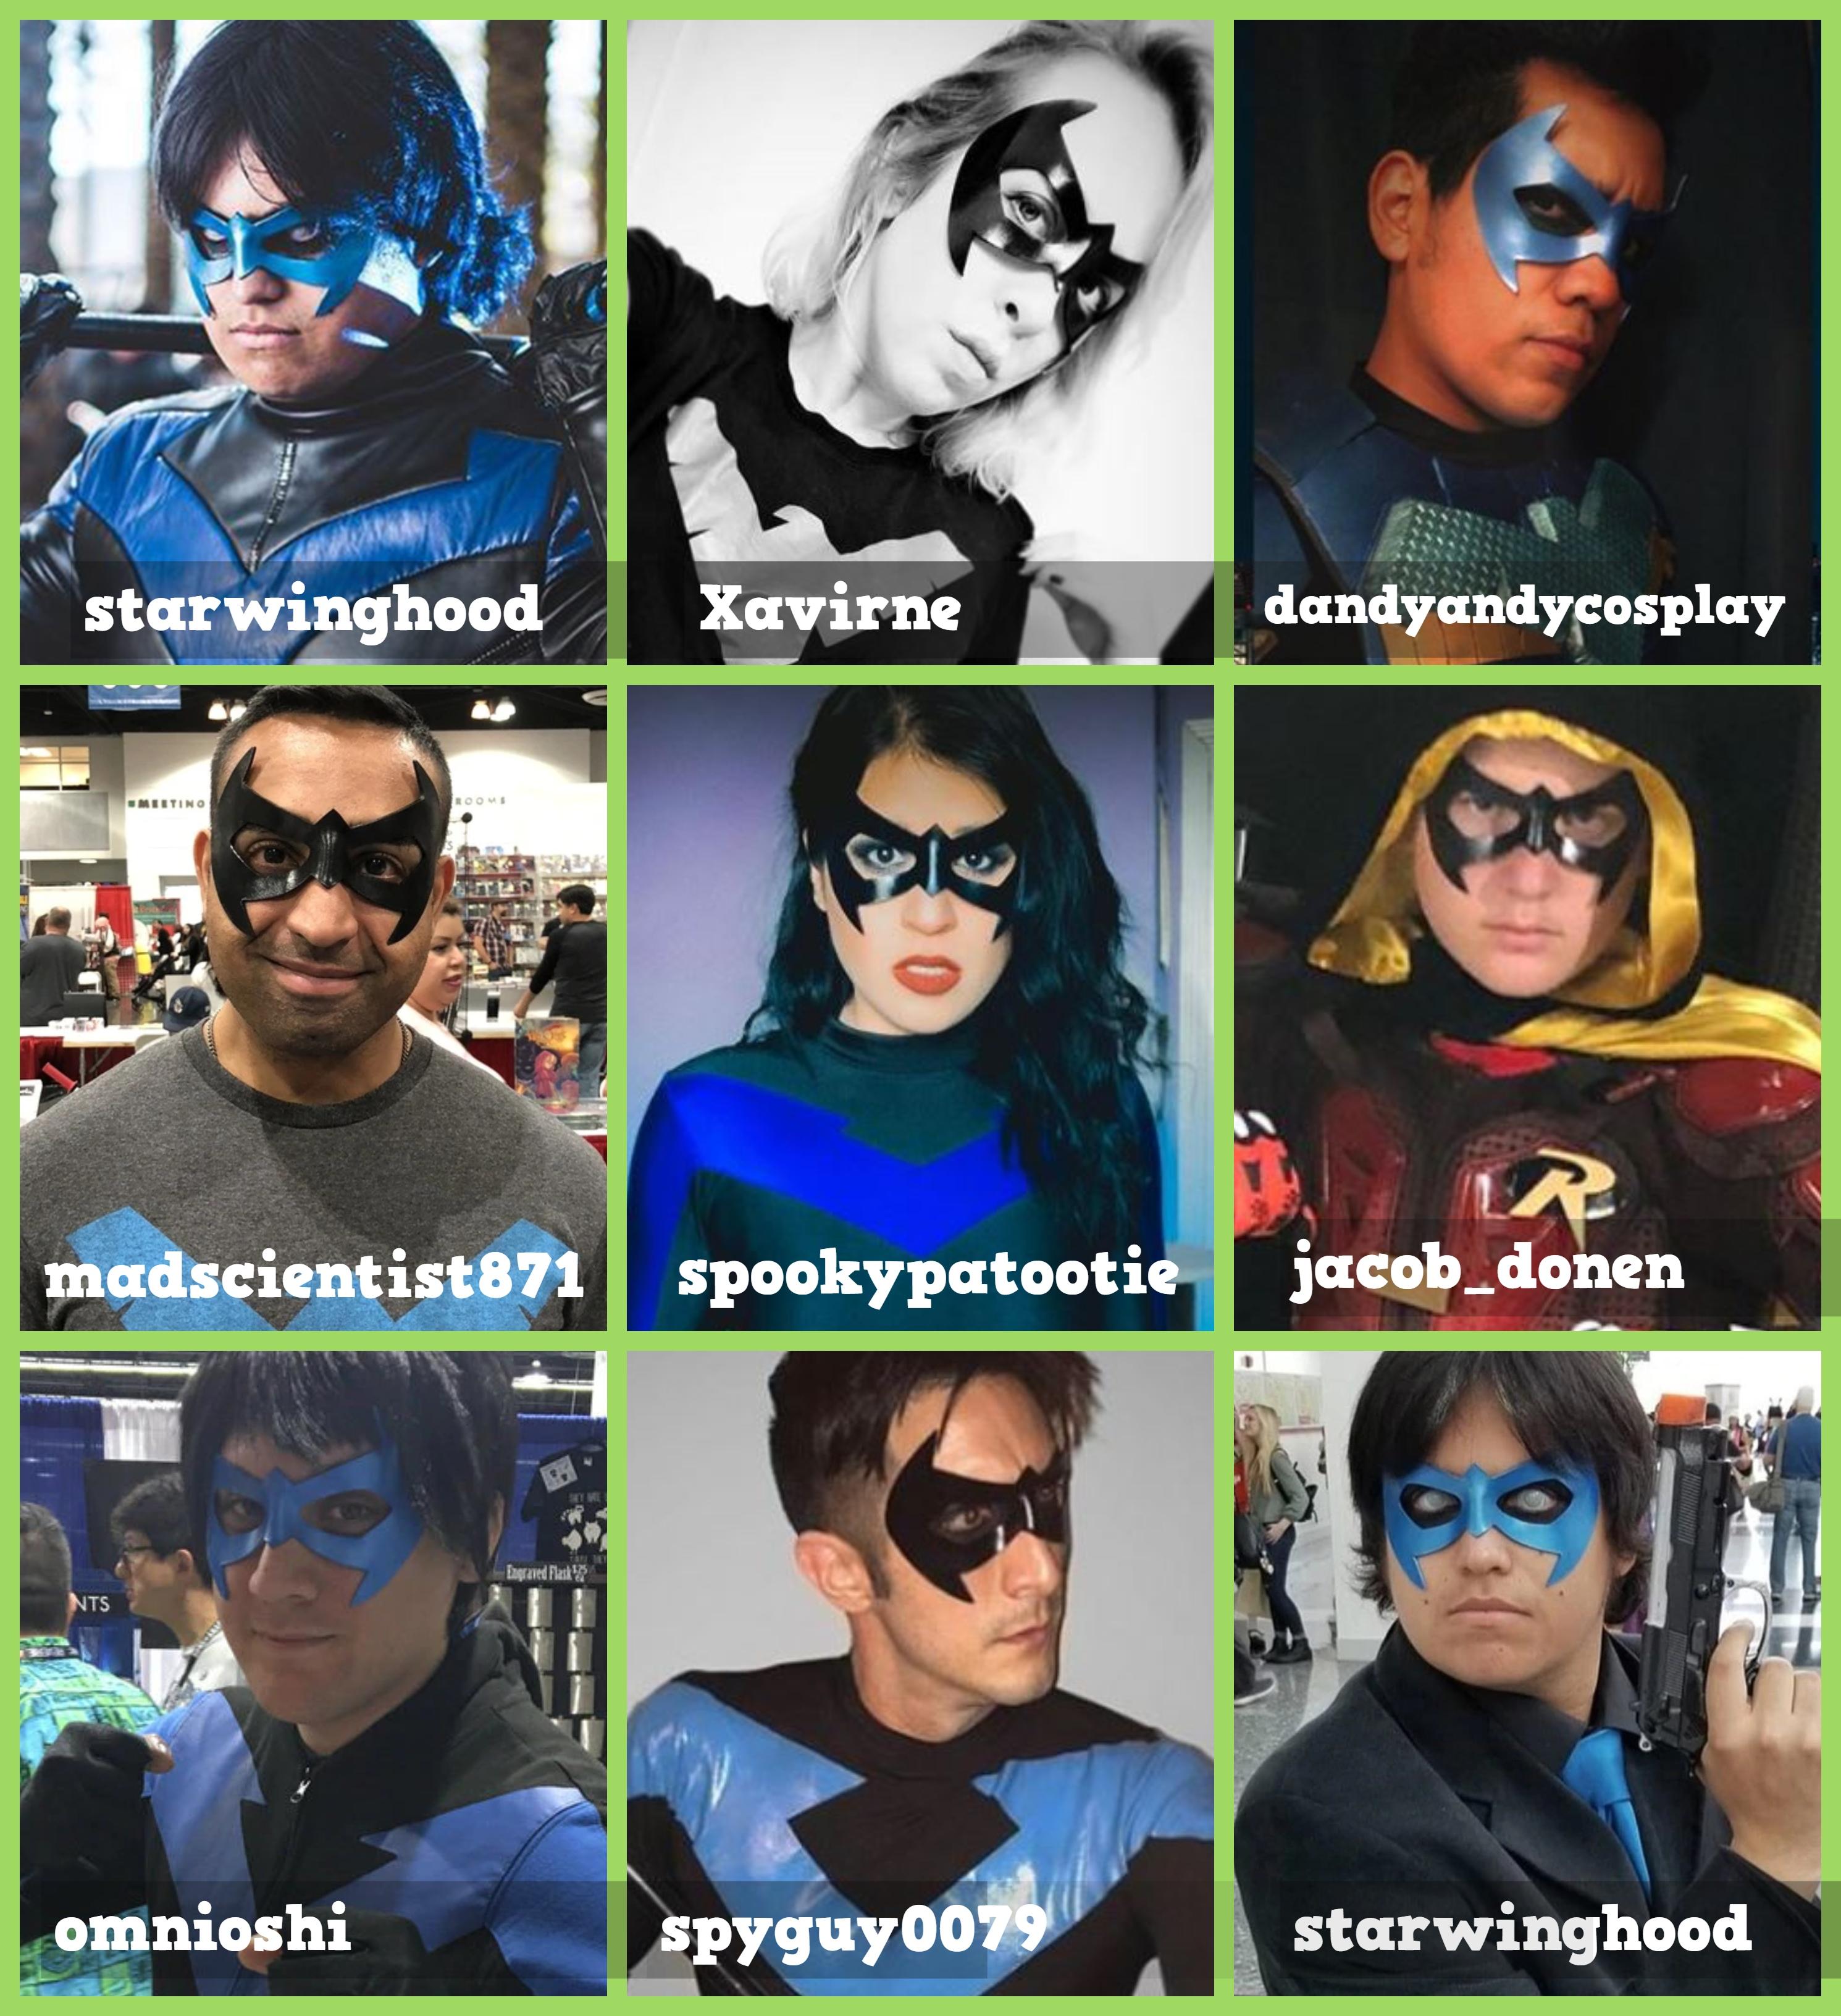 nightwing-ii-cosplay-collage.jpg